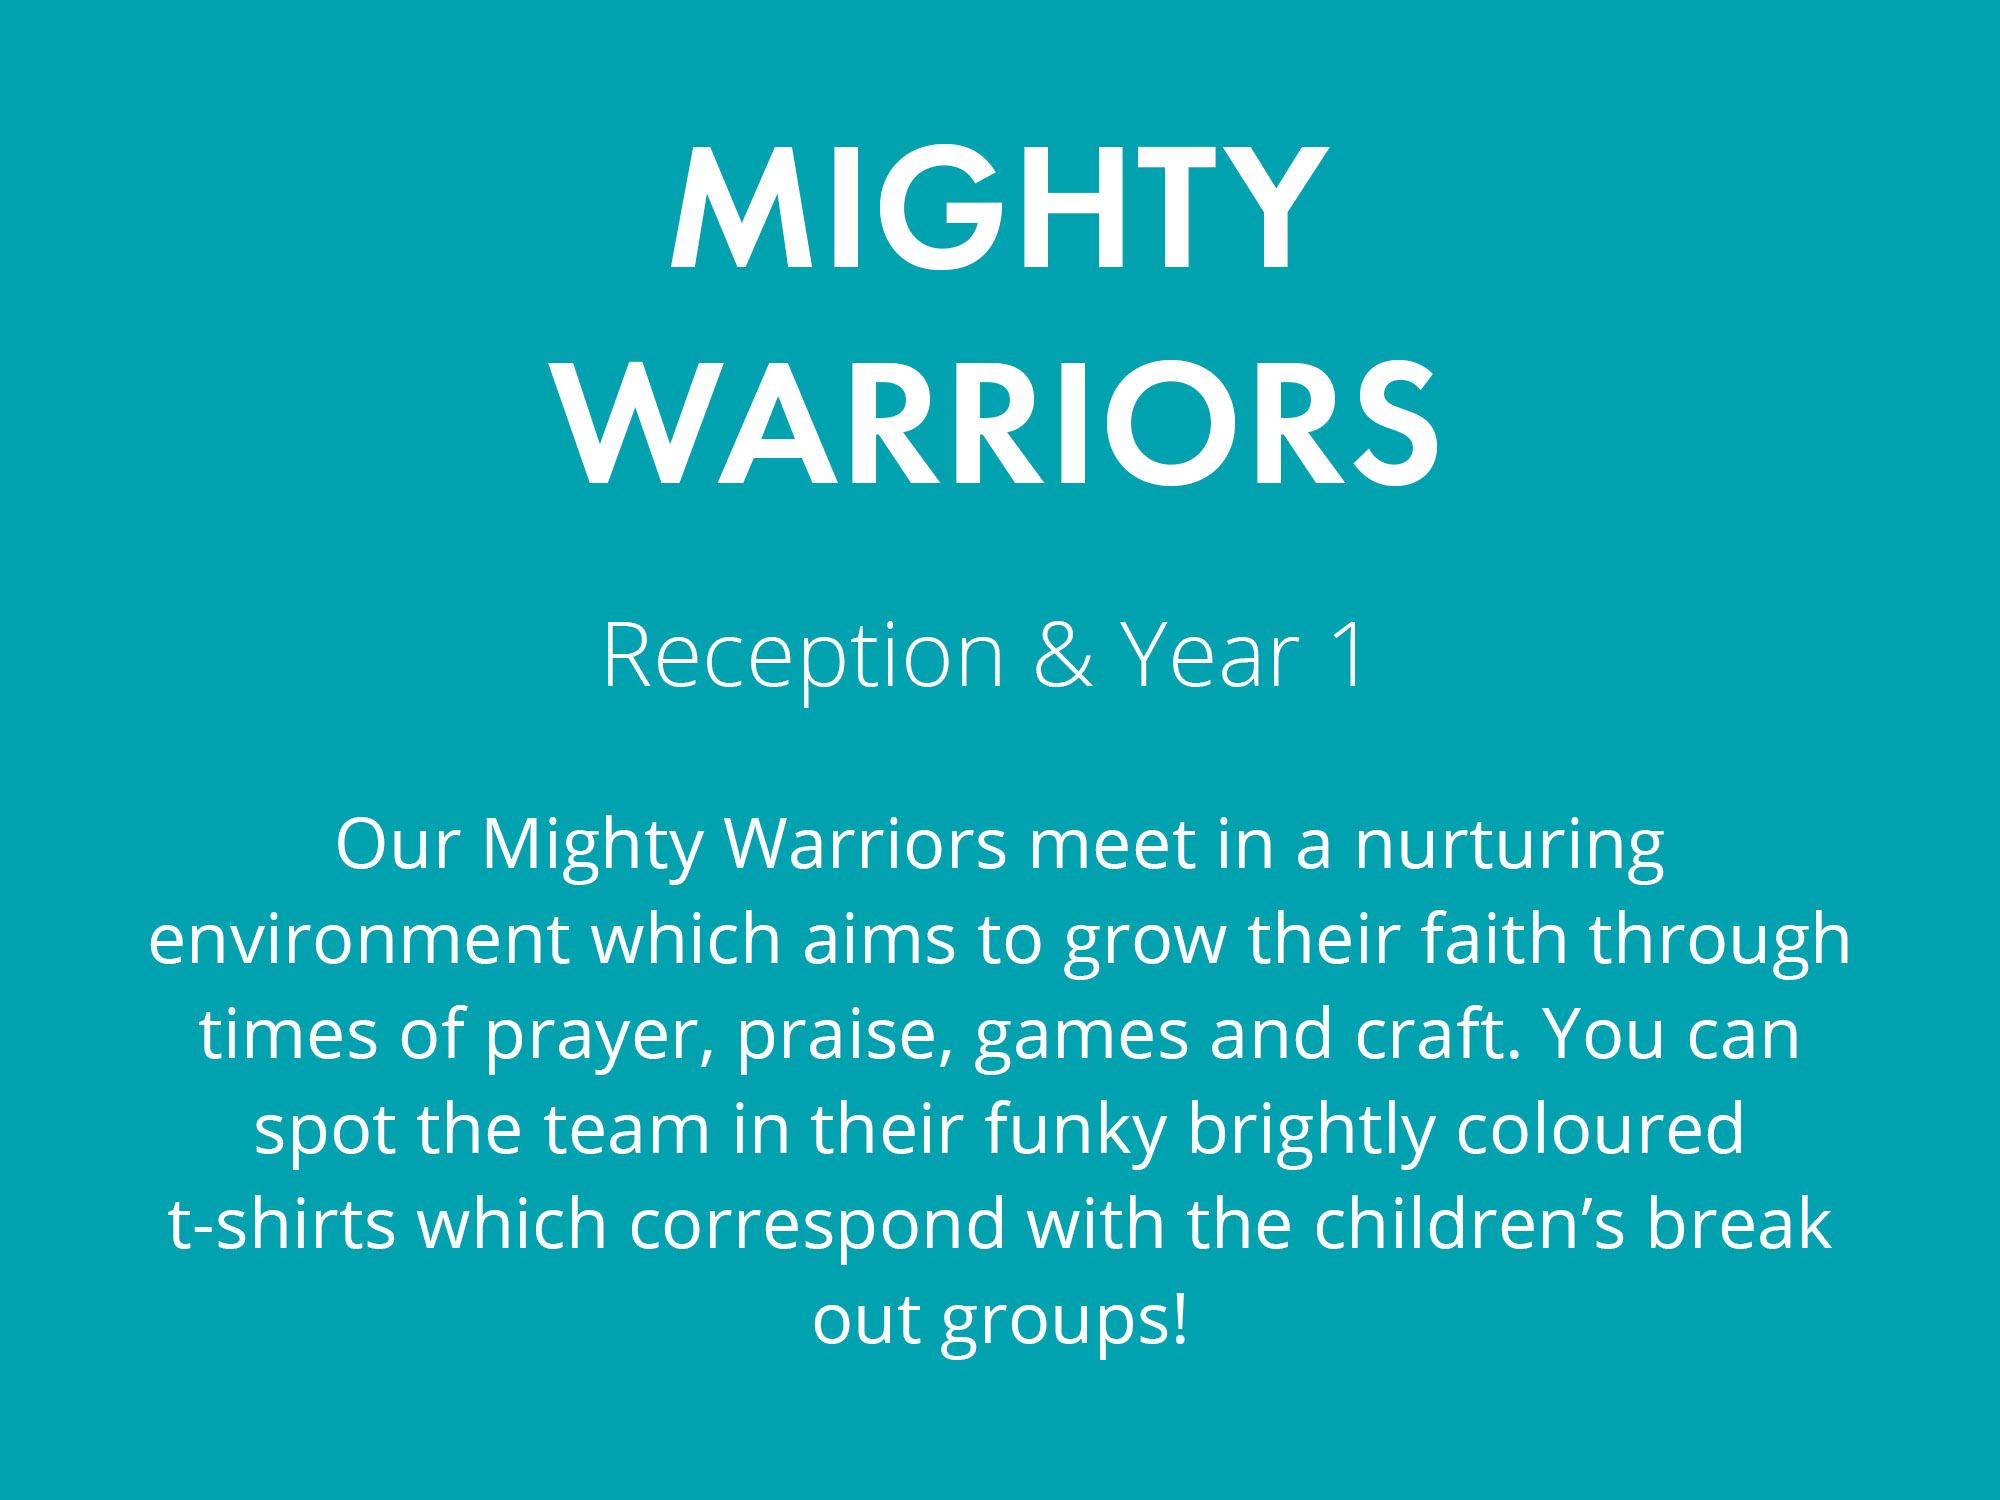 NEW-children-groups-test-mighty.jpg